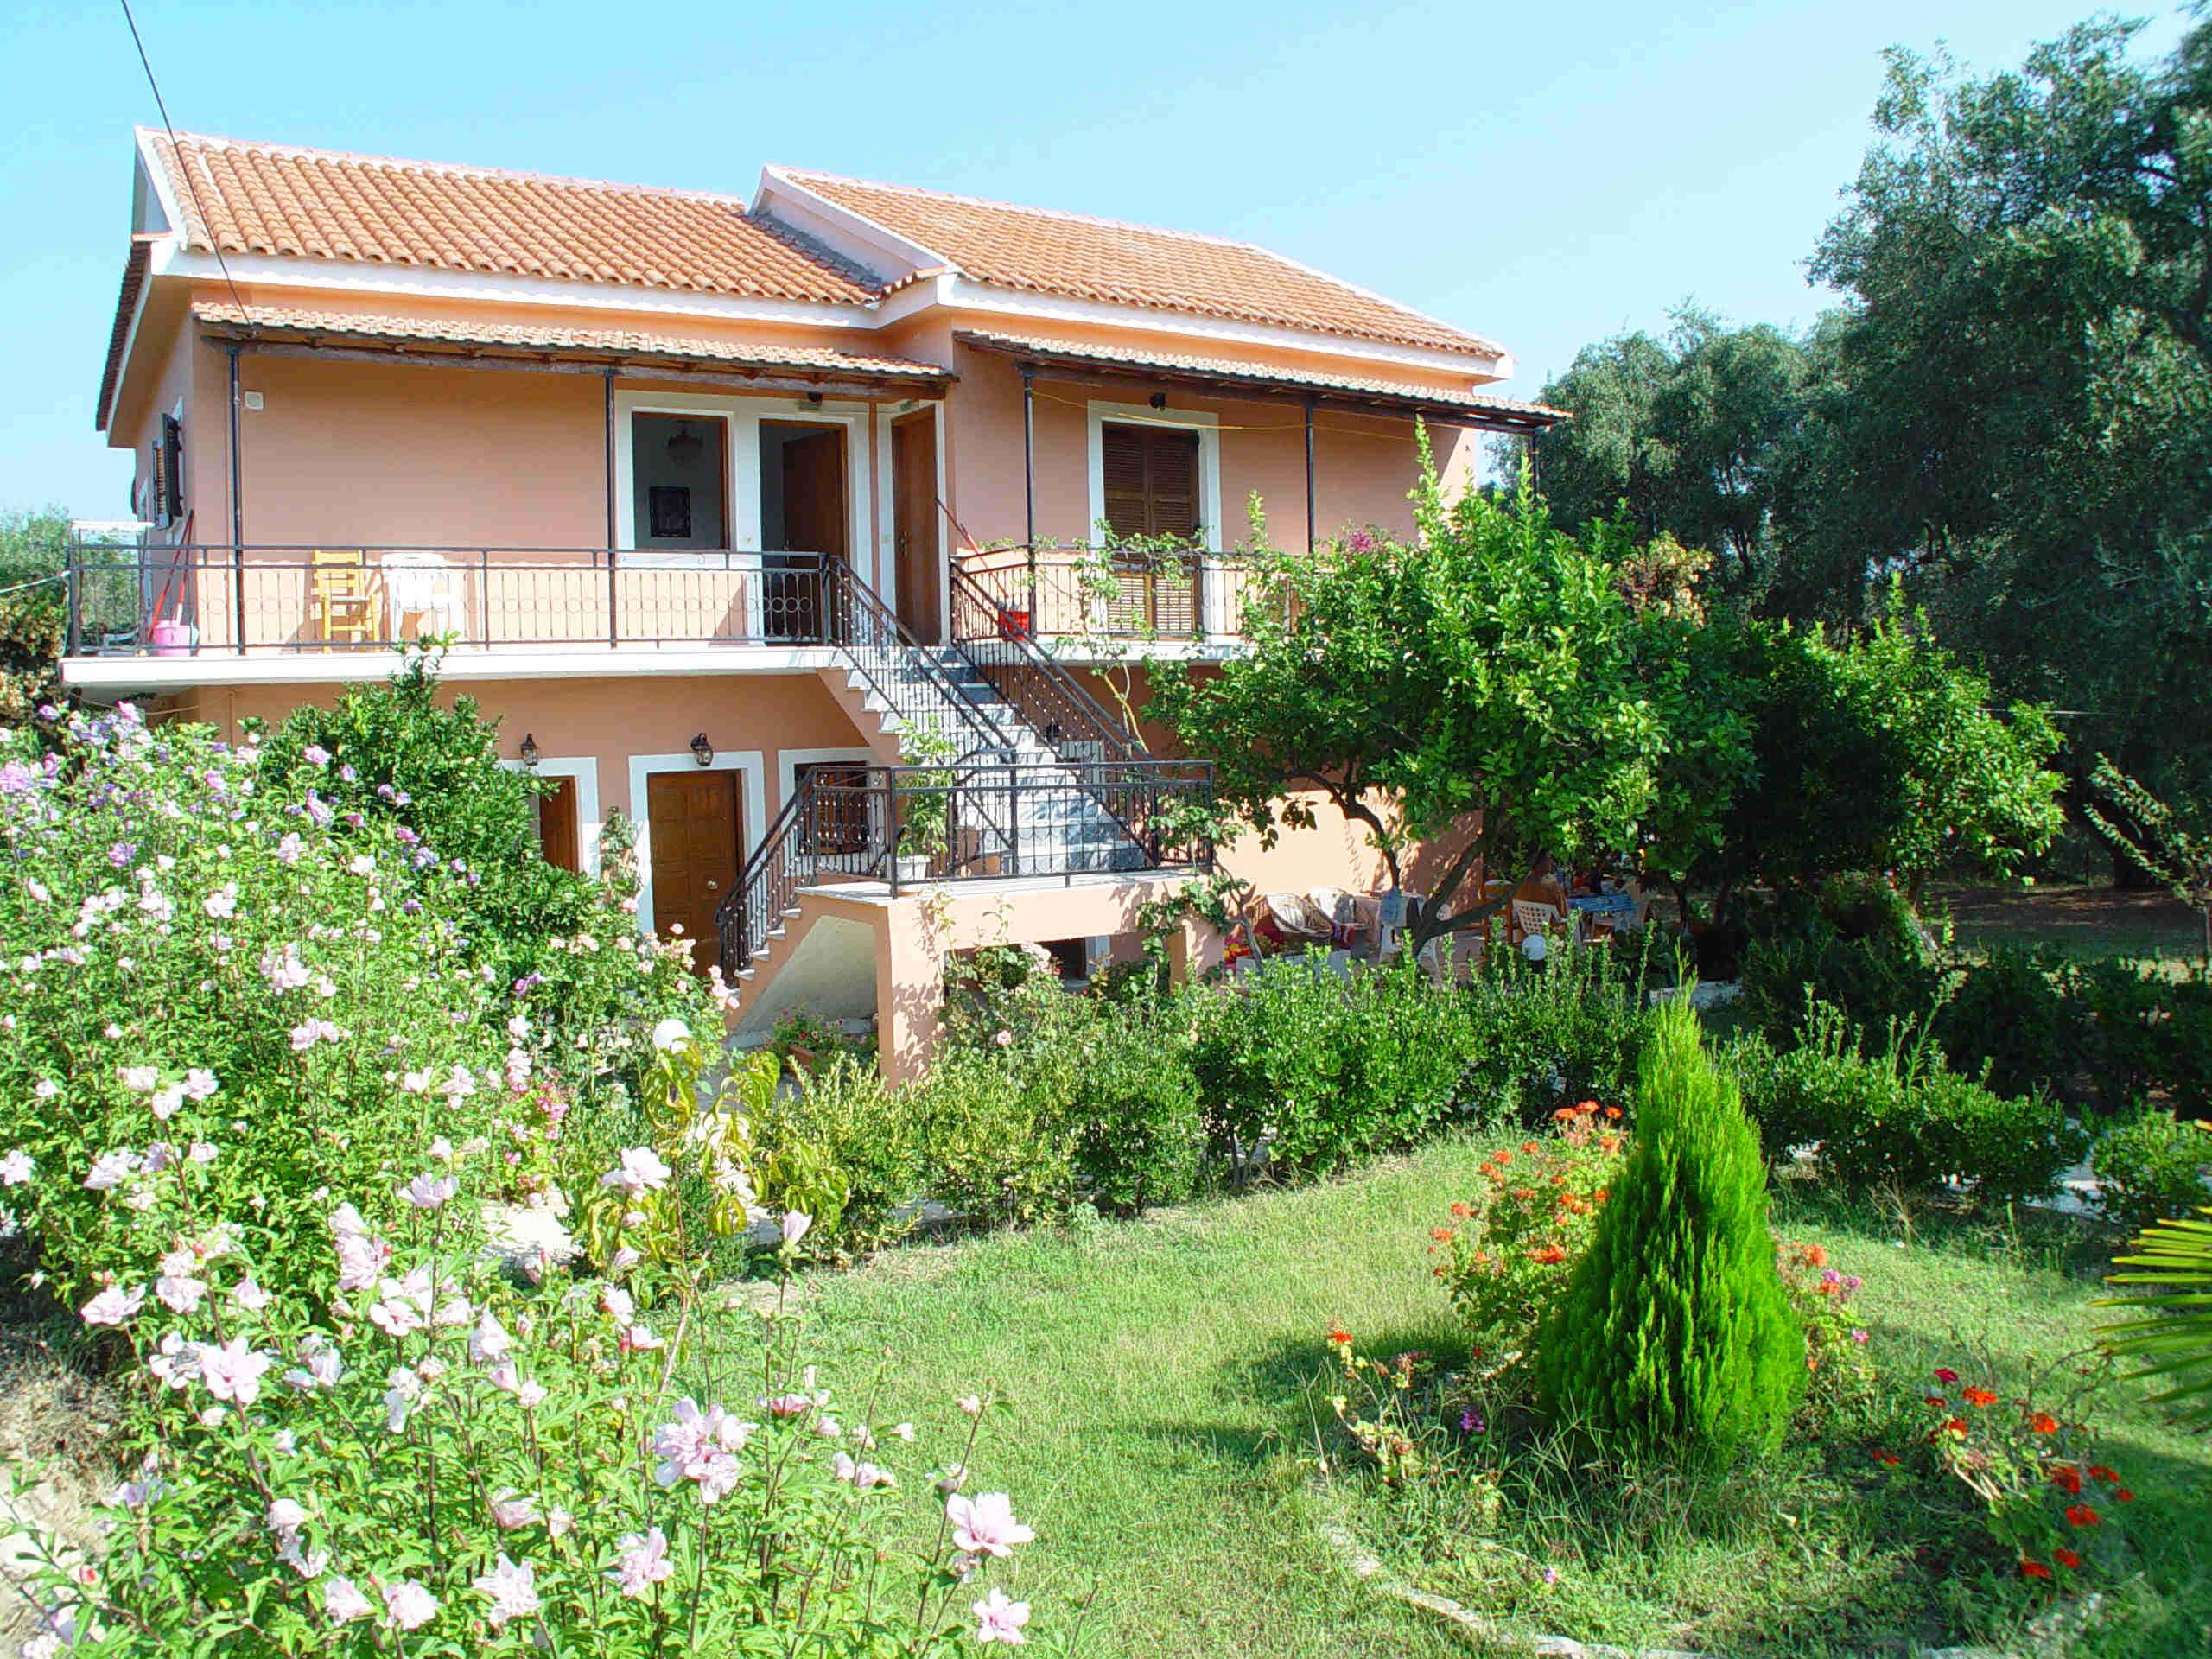 Appartamenti vacanze in grecia a corf for Appartamenti vacanze grecia